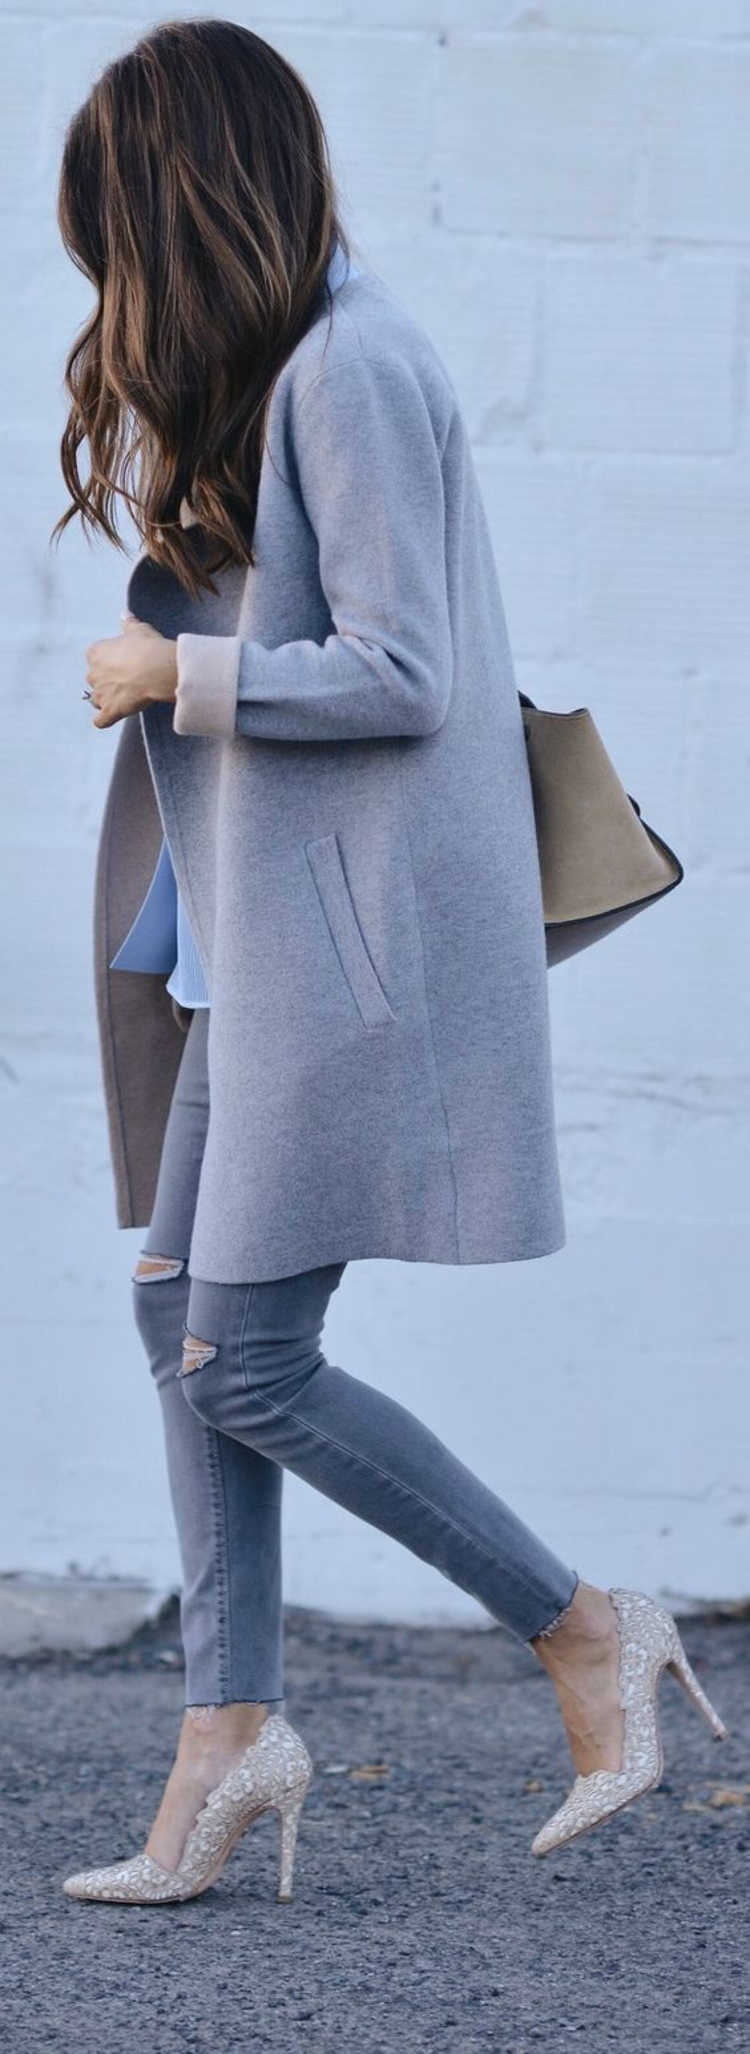 Damenmantel Straßenmode Wintermode Damen